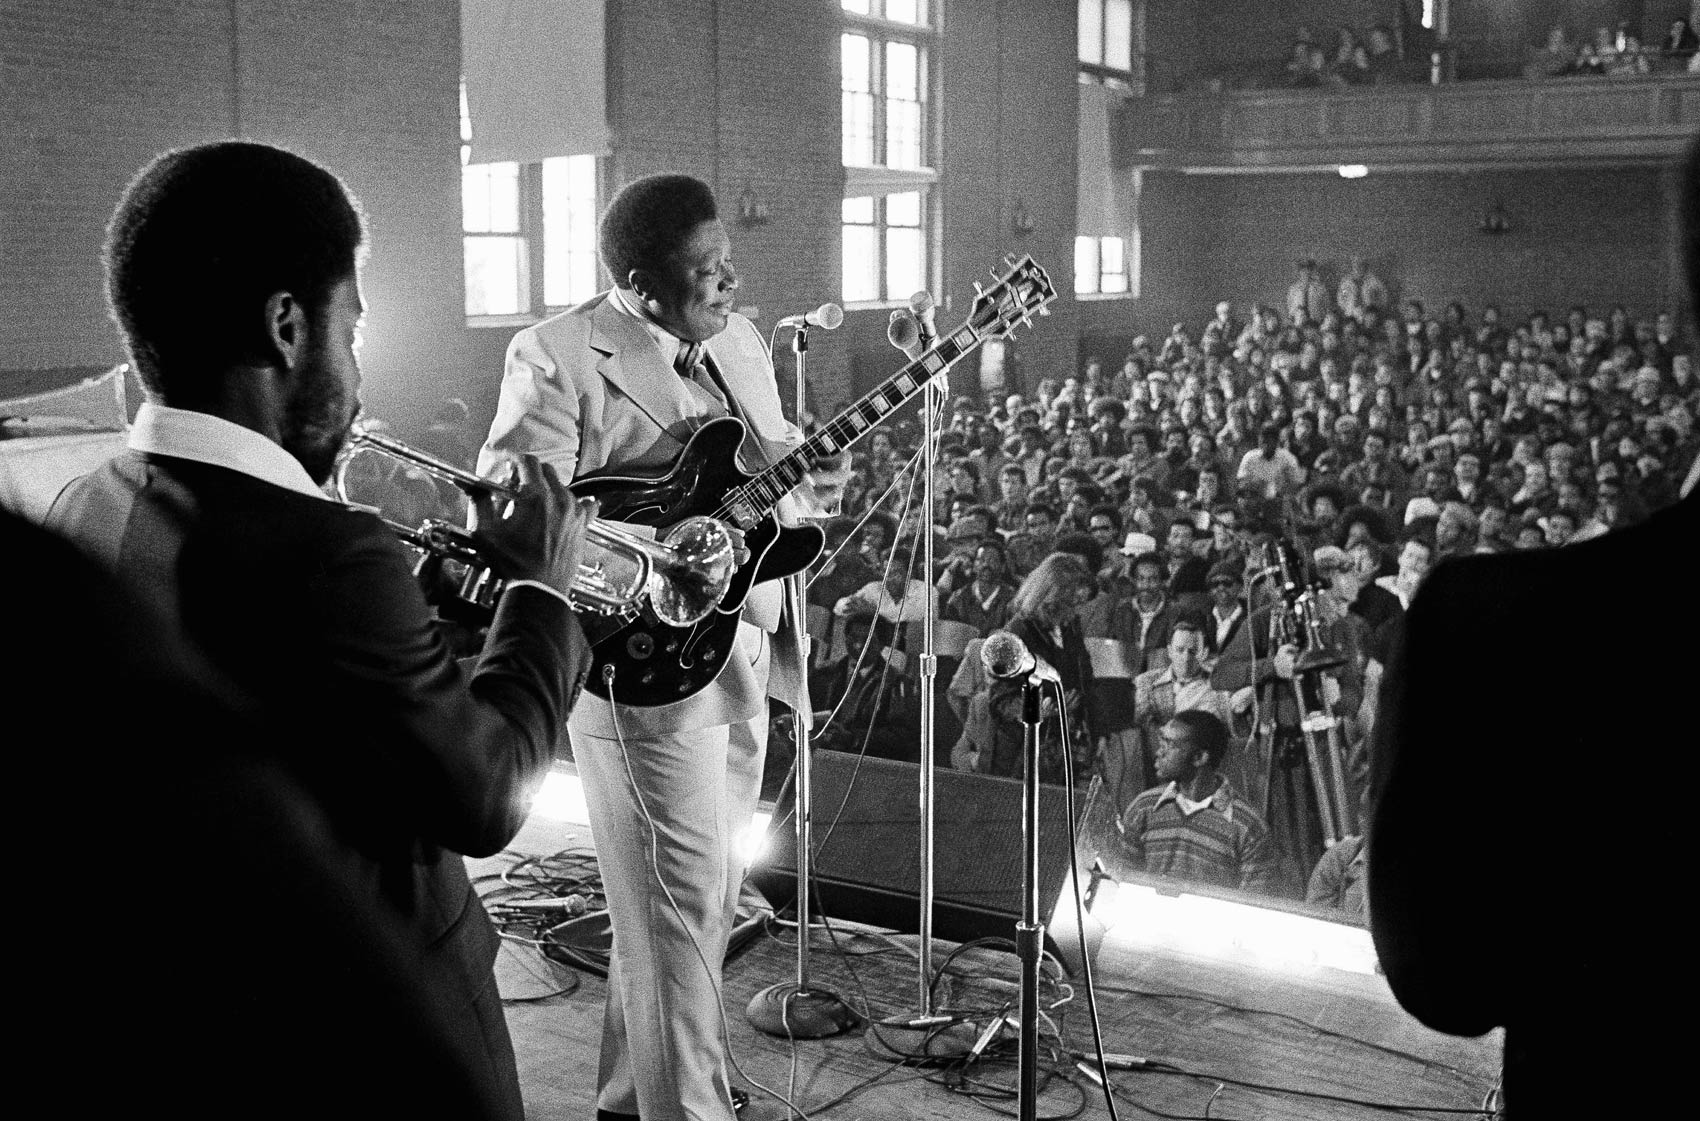 O bluesman B.B. King e sua banda se apresentam para o auditório lotado da penitenciária de Norfolk, em Massachussetts, em abril de 1978. Ele começou a fazer shows em prisões dos EUA em 1972, iniciativa para incentivar a reabilitação